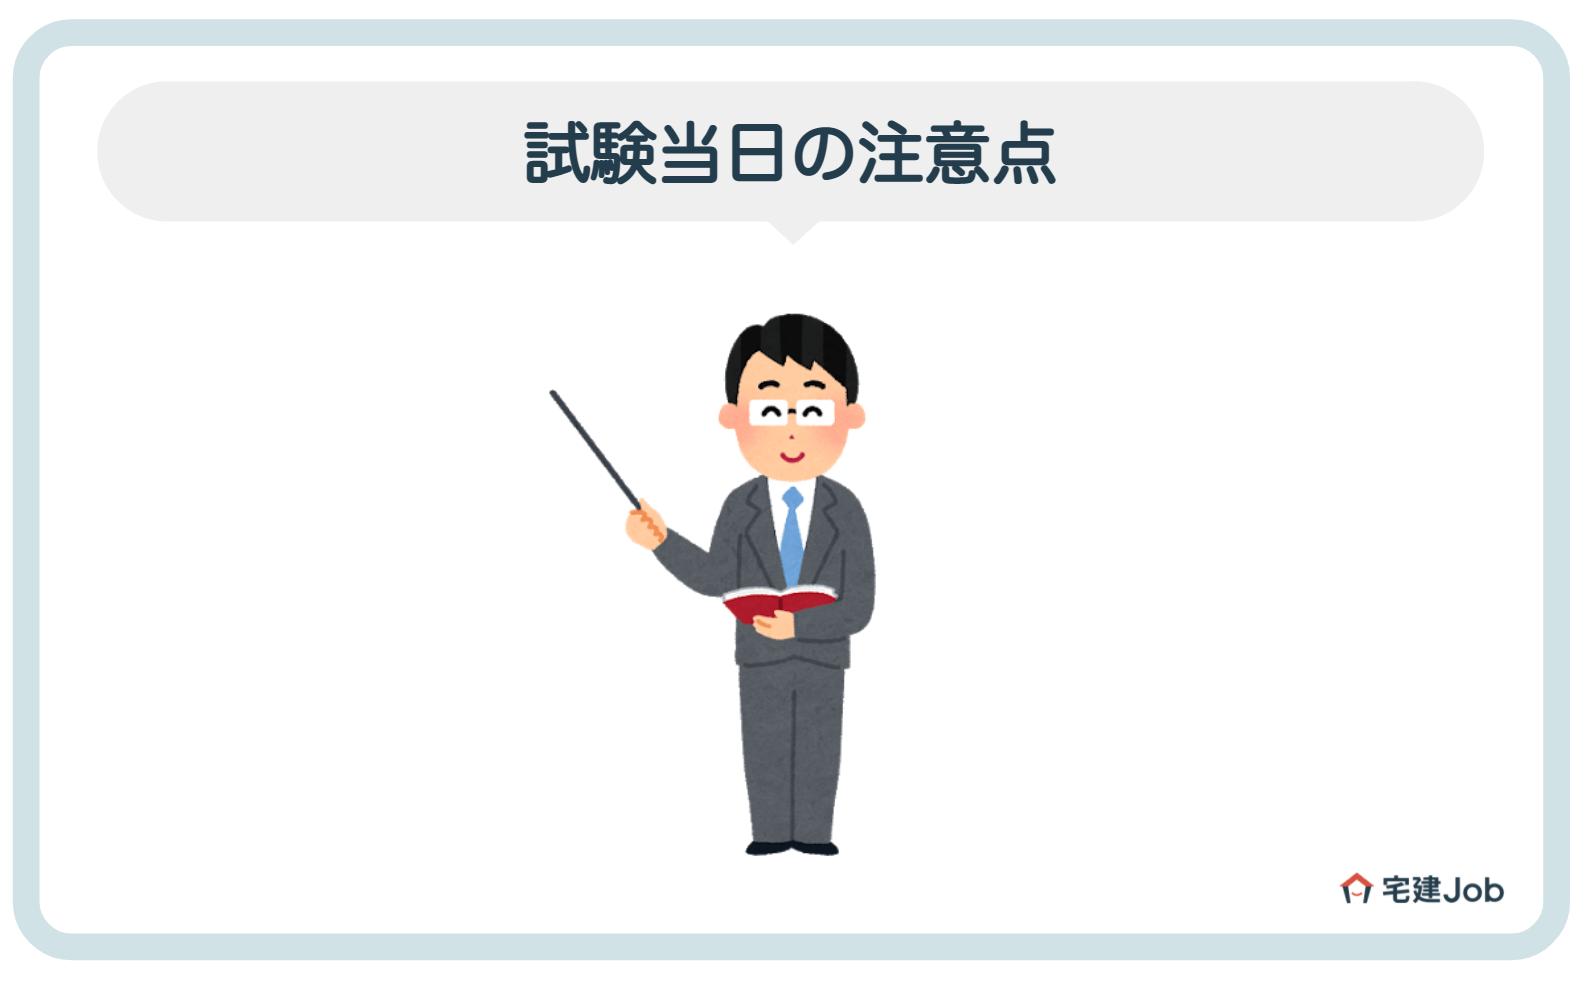 2.賃貸不動産経営管理士の試験会場での注意点【当日】